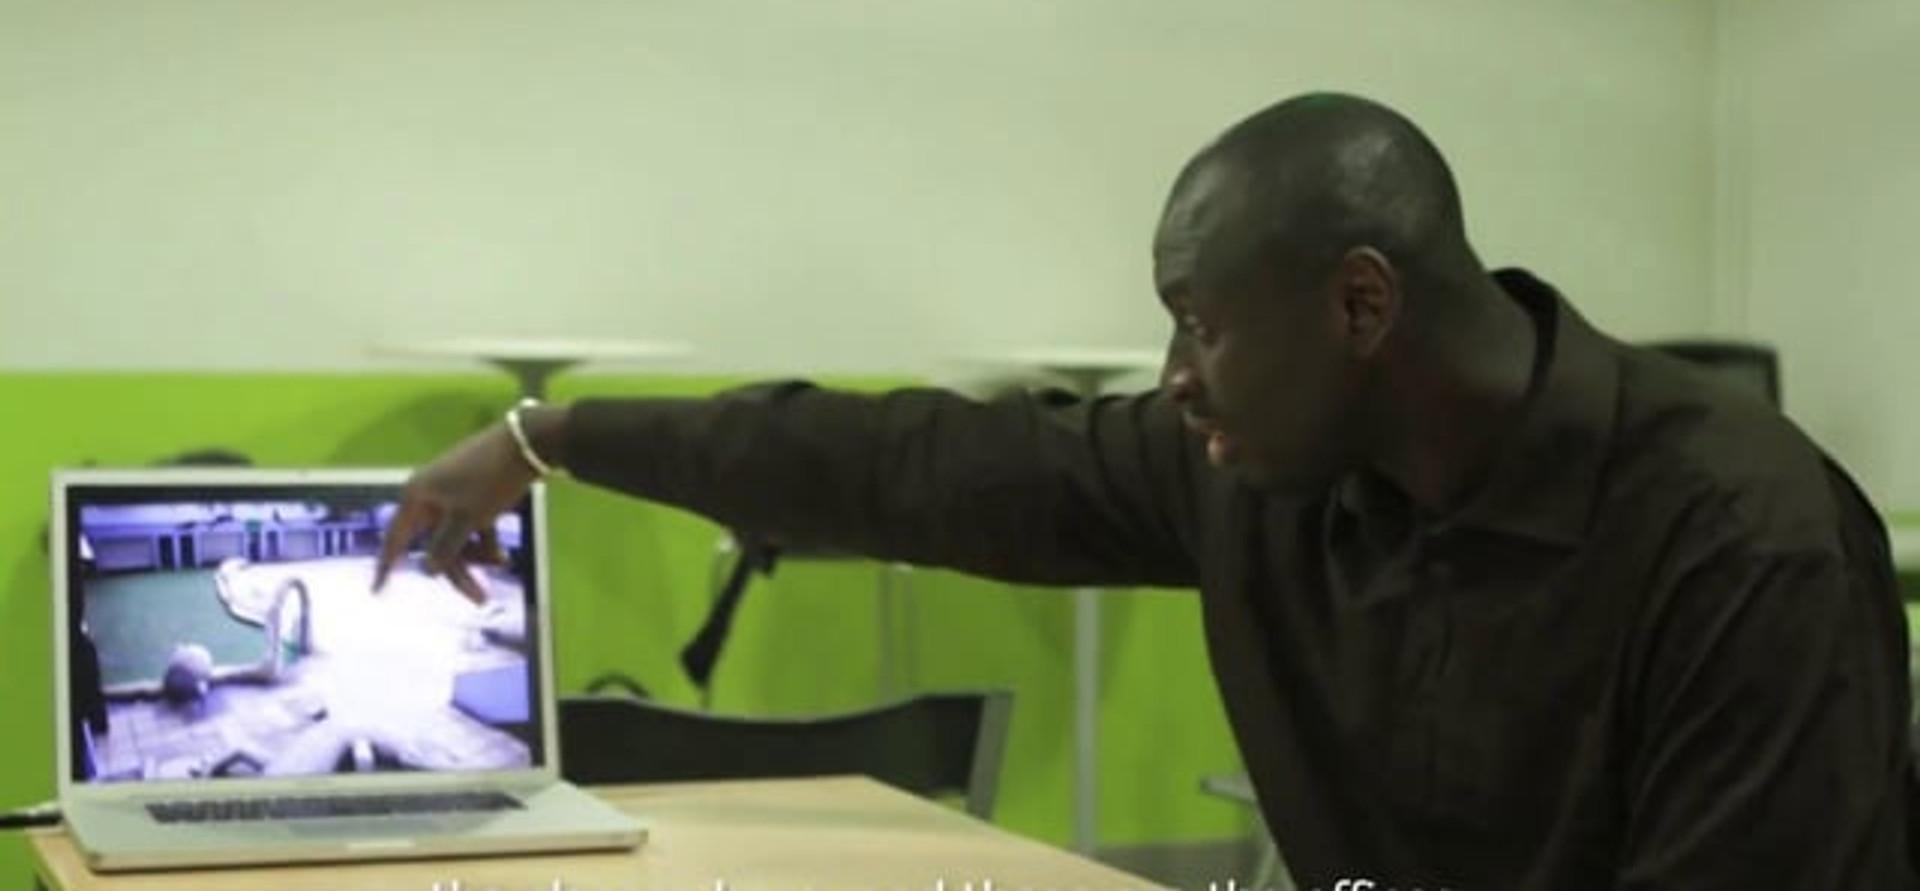 Connection: Paris 19: Mobility, Migration & Memory (2011)